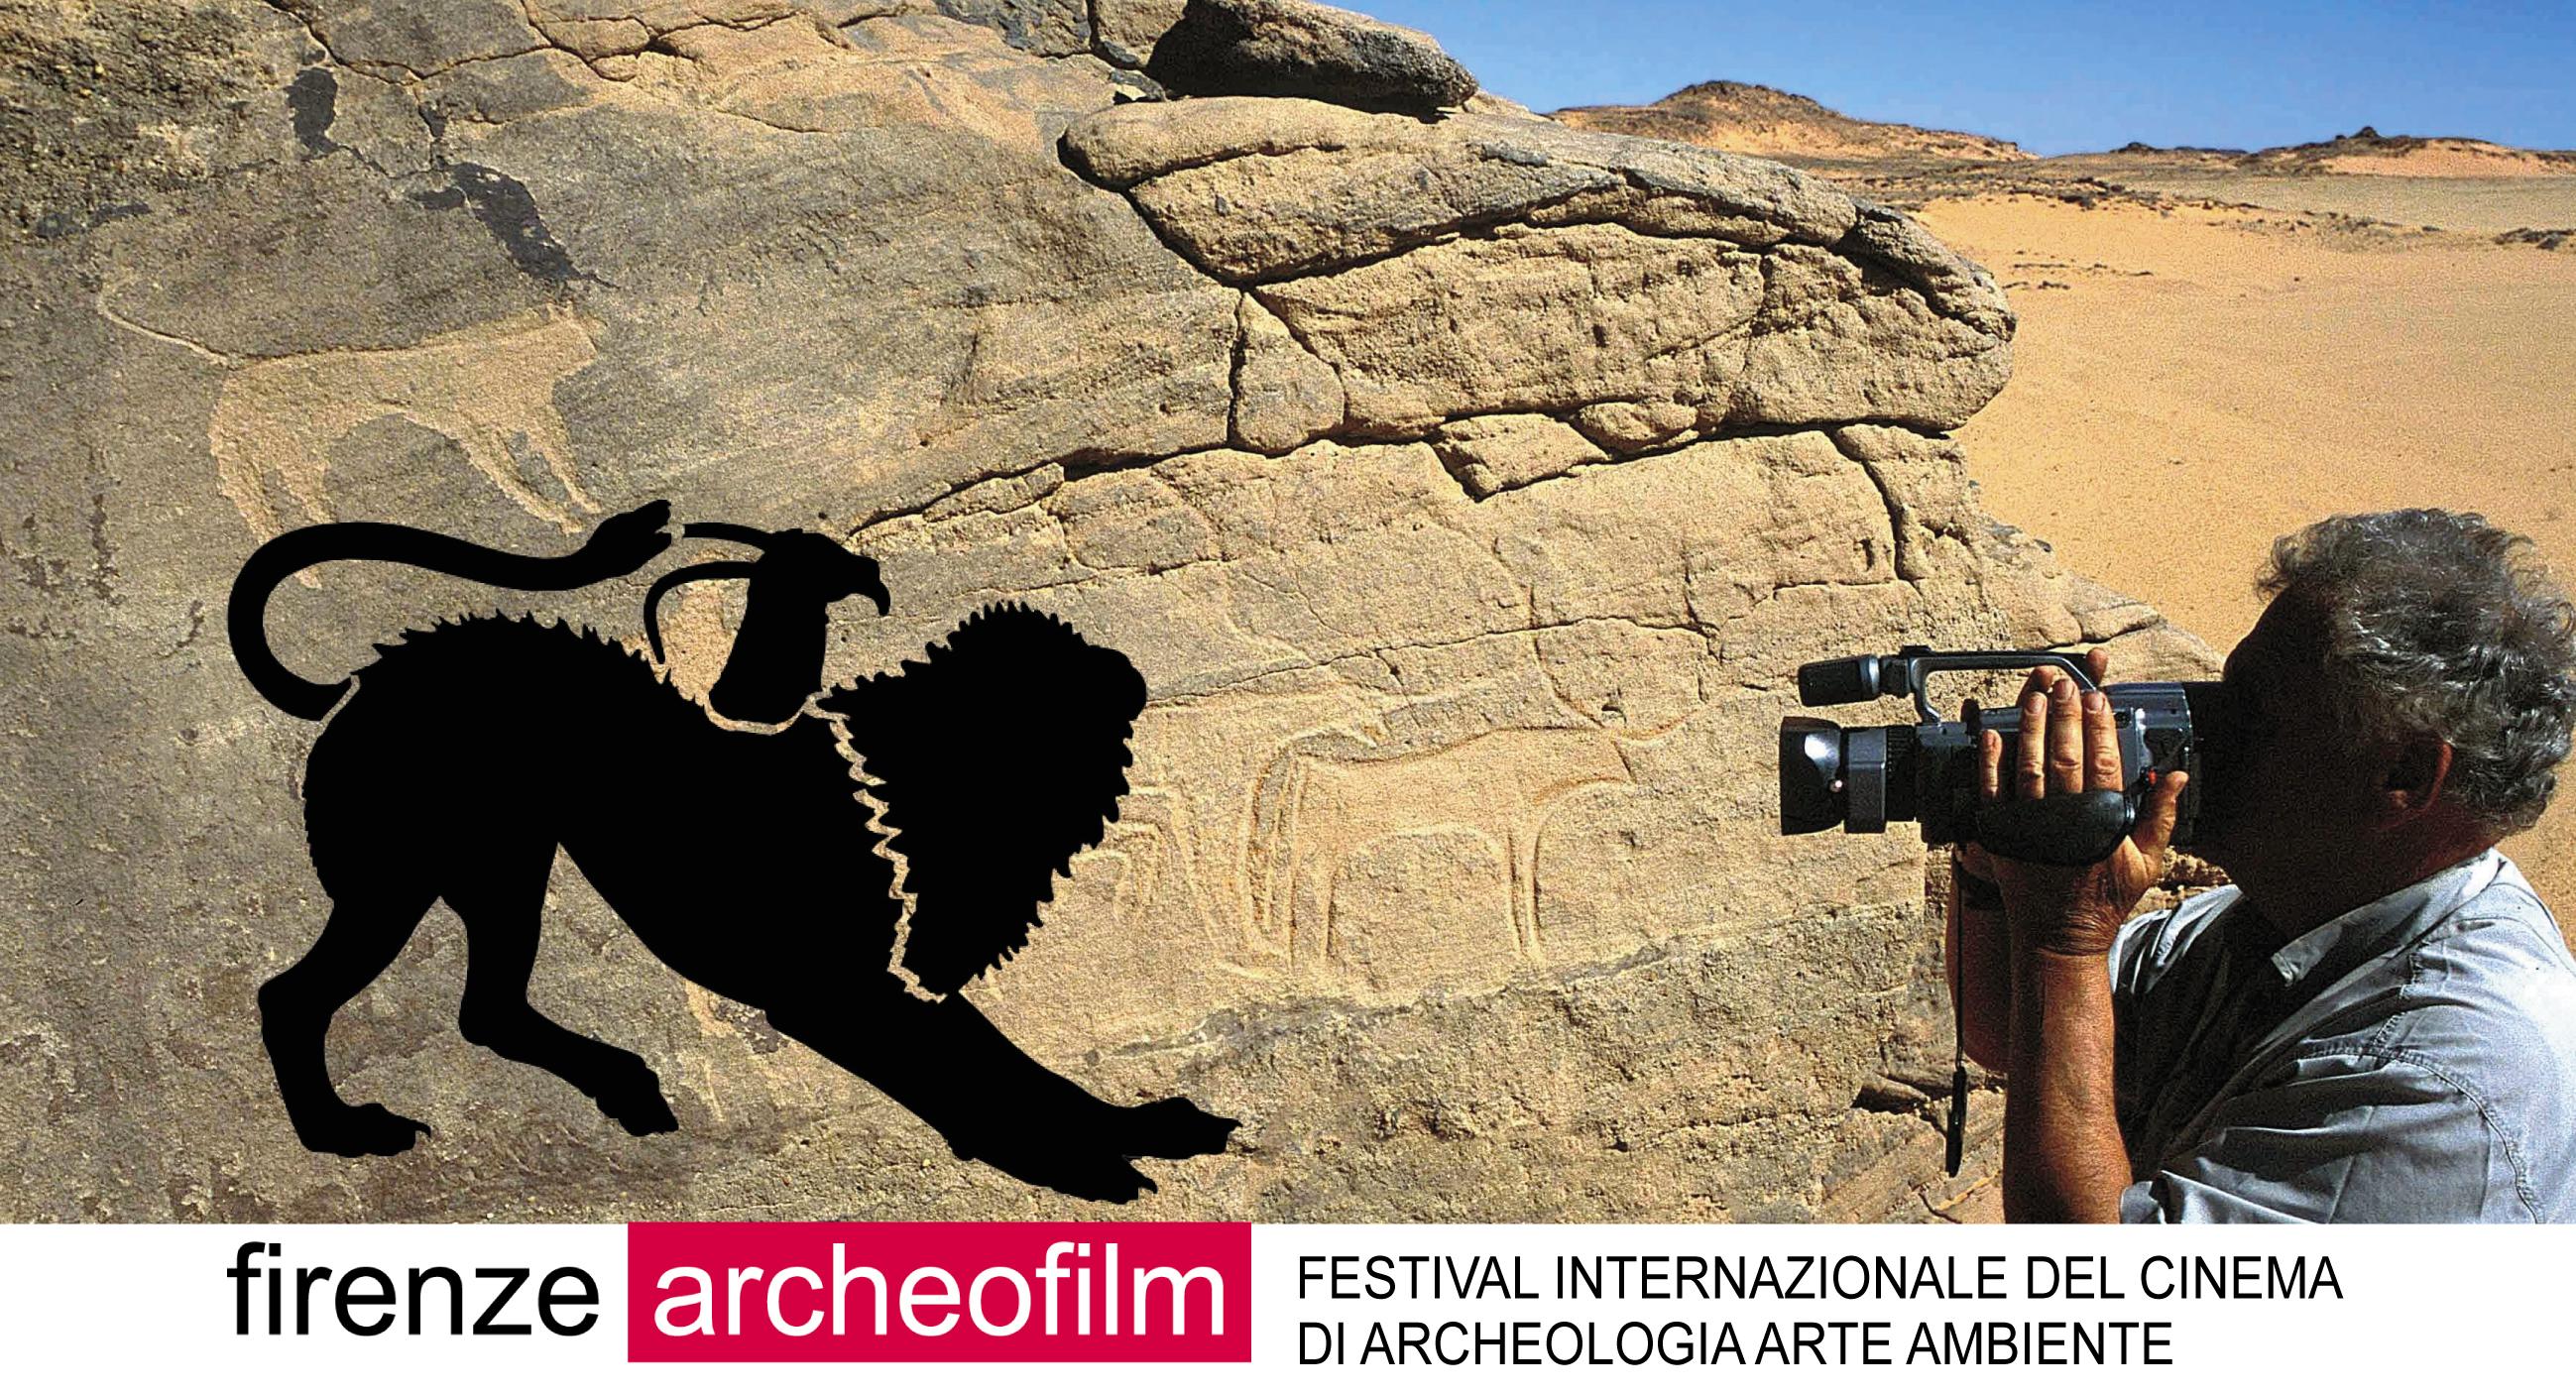 Firenze Archeofilm: un festival cinematografico dedicato all'archeologia